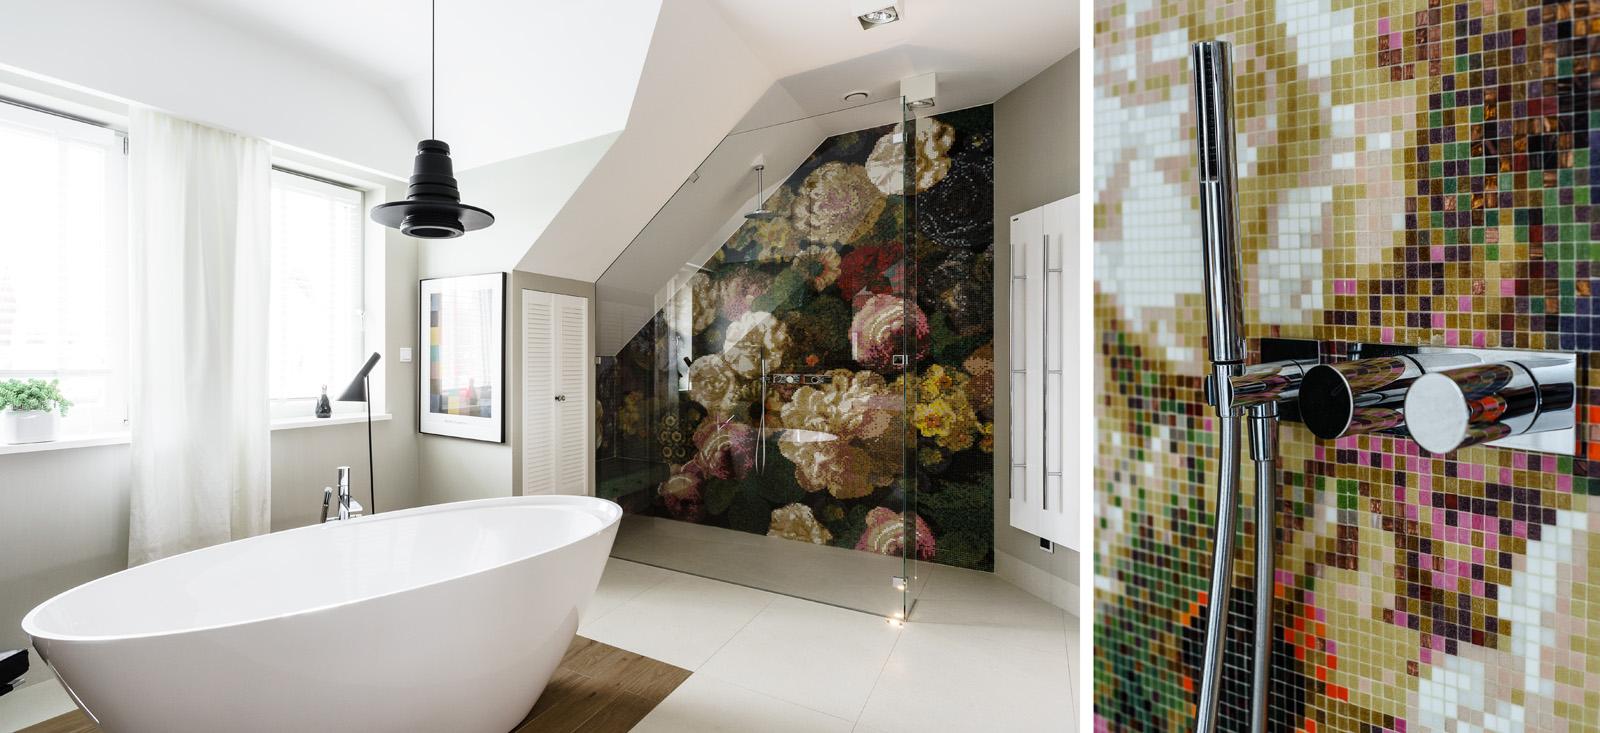 Łazienka z mozaiką i wanną wolnostojącą | proj. Fabryka Wnętrz